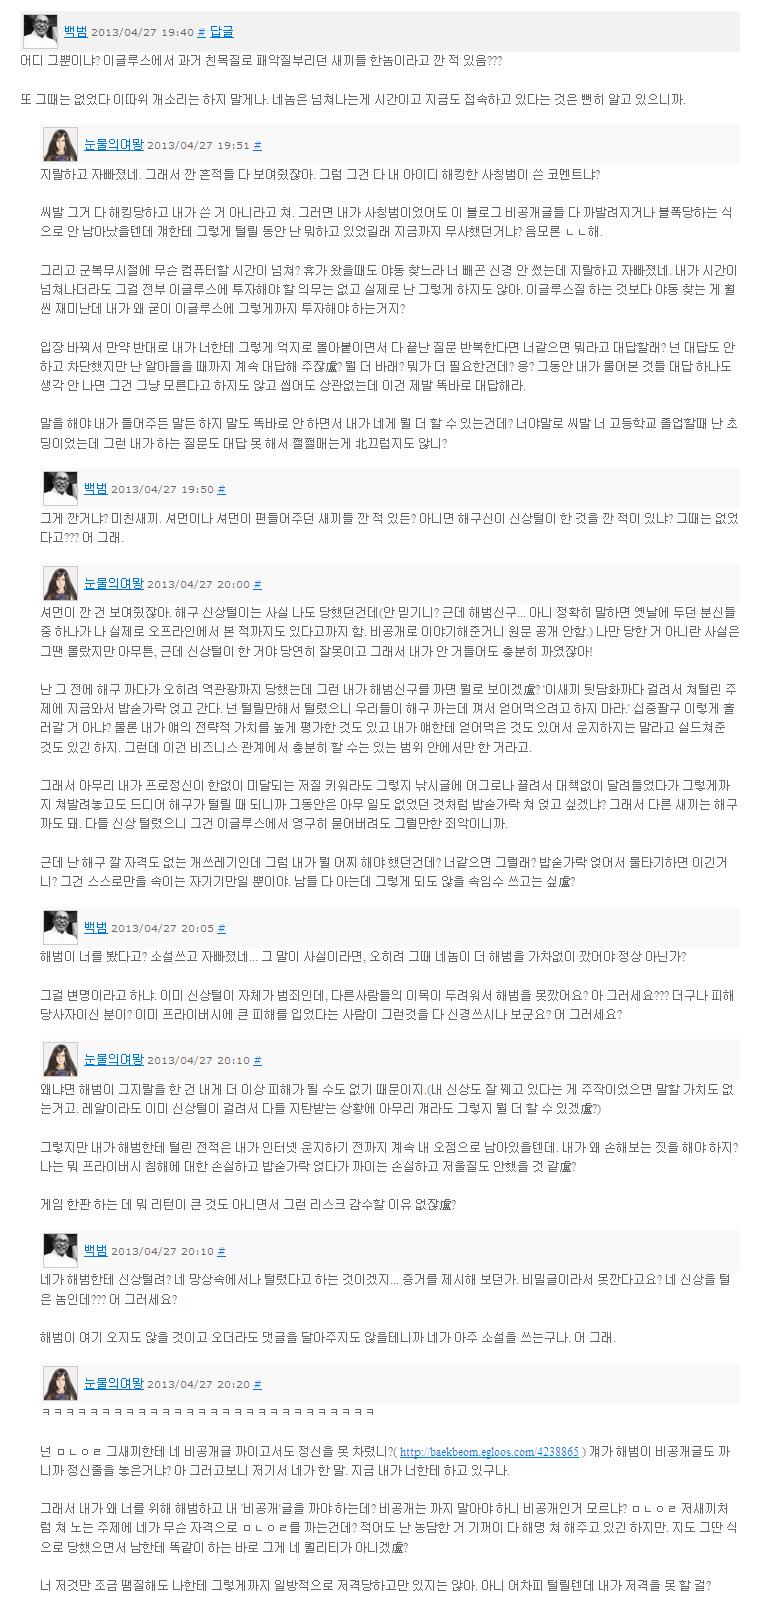 눈물의여뫙(염황군)'s comment's 6